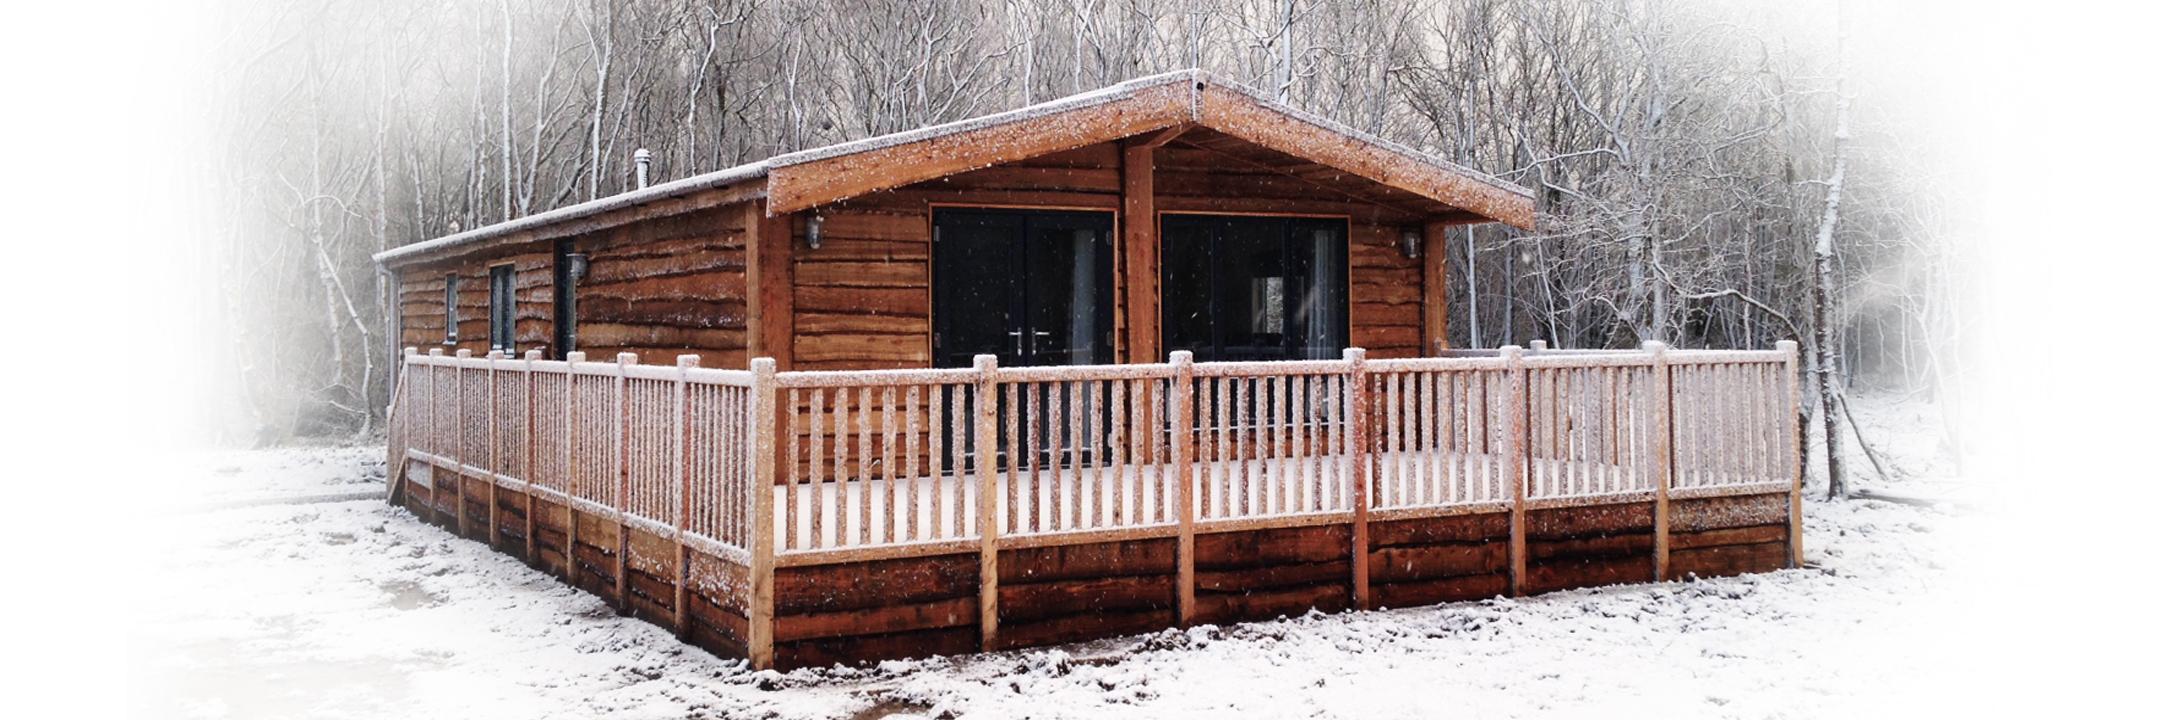 caravan park lincolnshire, caravan site lincolnshire, holiday park lincolnshire